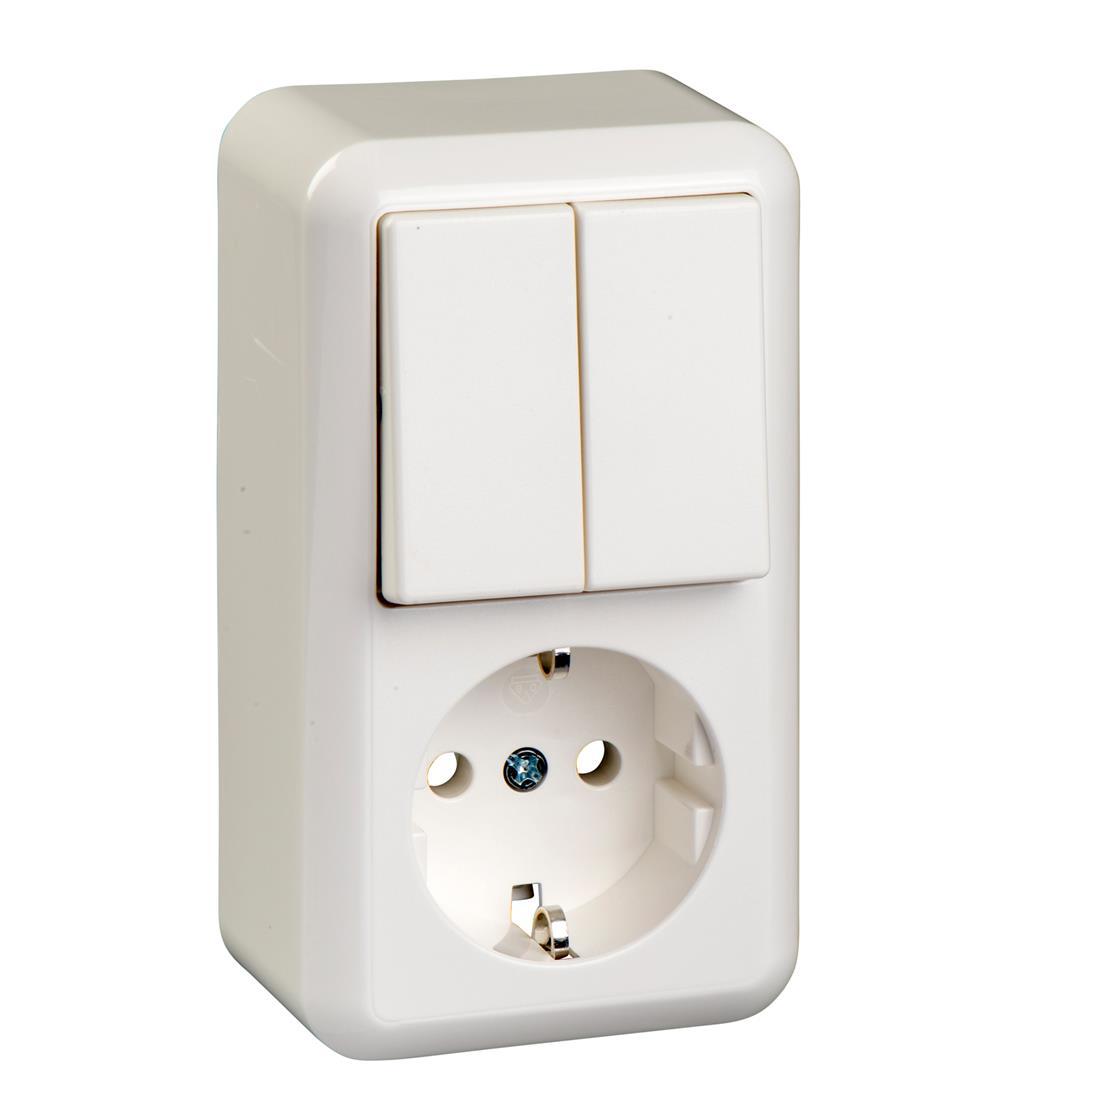 Schneider Electric Merten Contura opbouw combinatie 1-voudig wandcontactdoos met randaarde + serieschakelaar - arctic wit (388504)